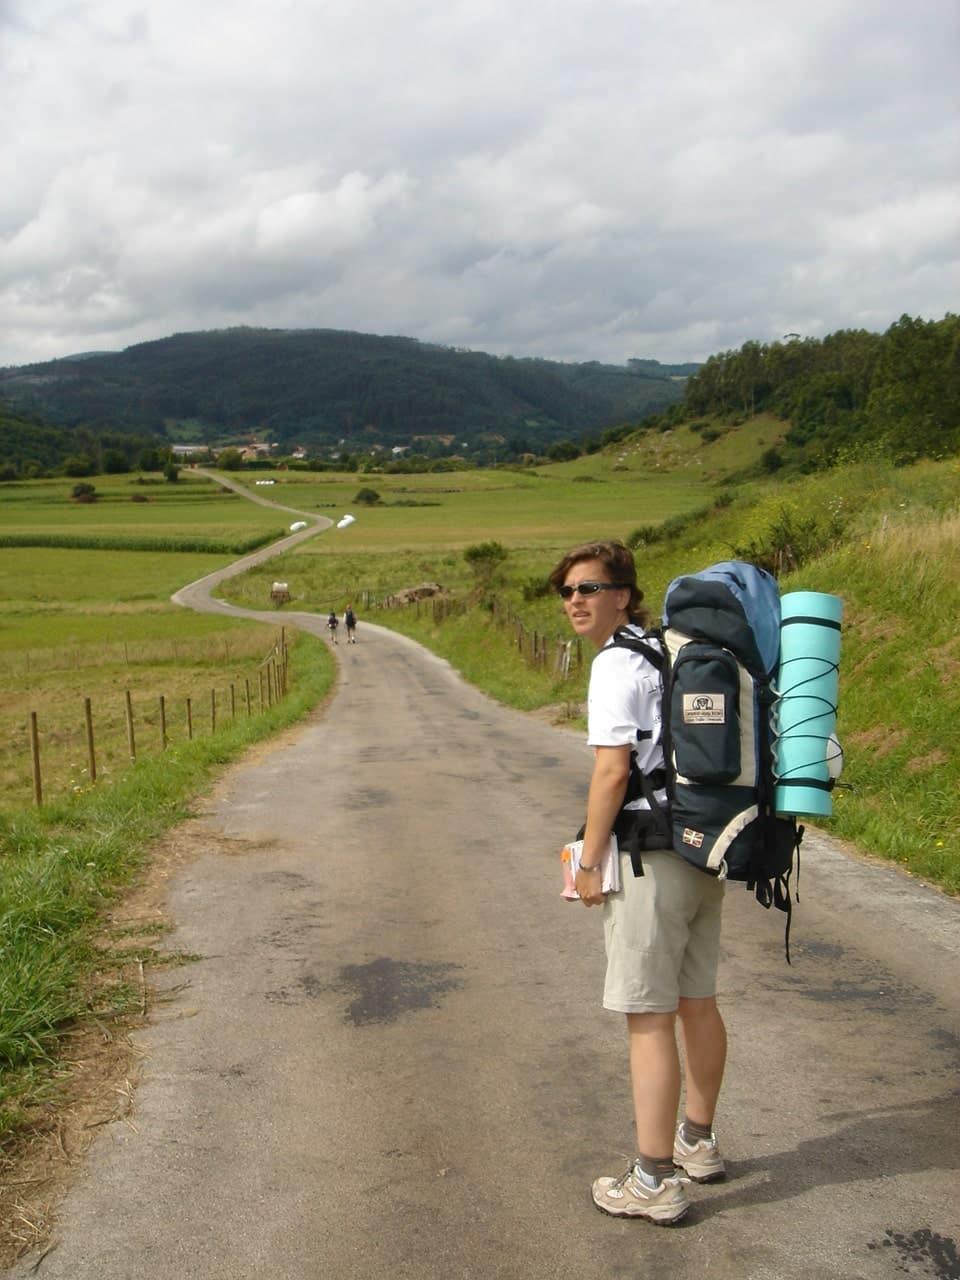 On the Camino del Norte